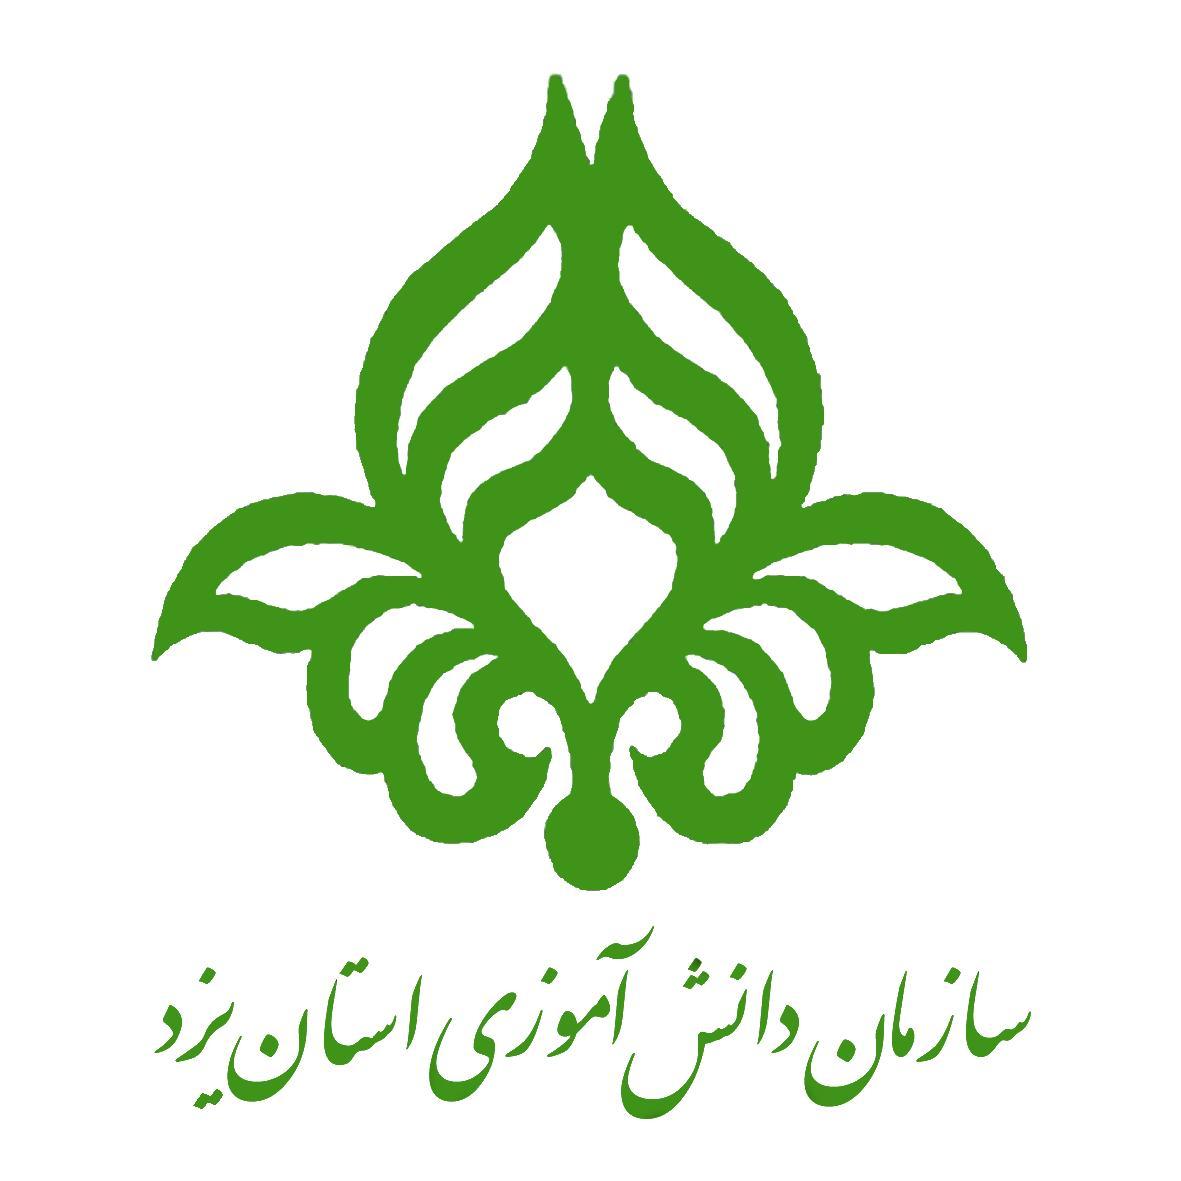 کردستان ایل های کرد ایران بررسی پراکندگی کردهای ایران و کرمانج وکردهای خراسان وکردستان